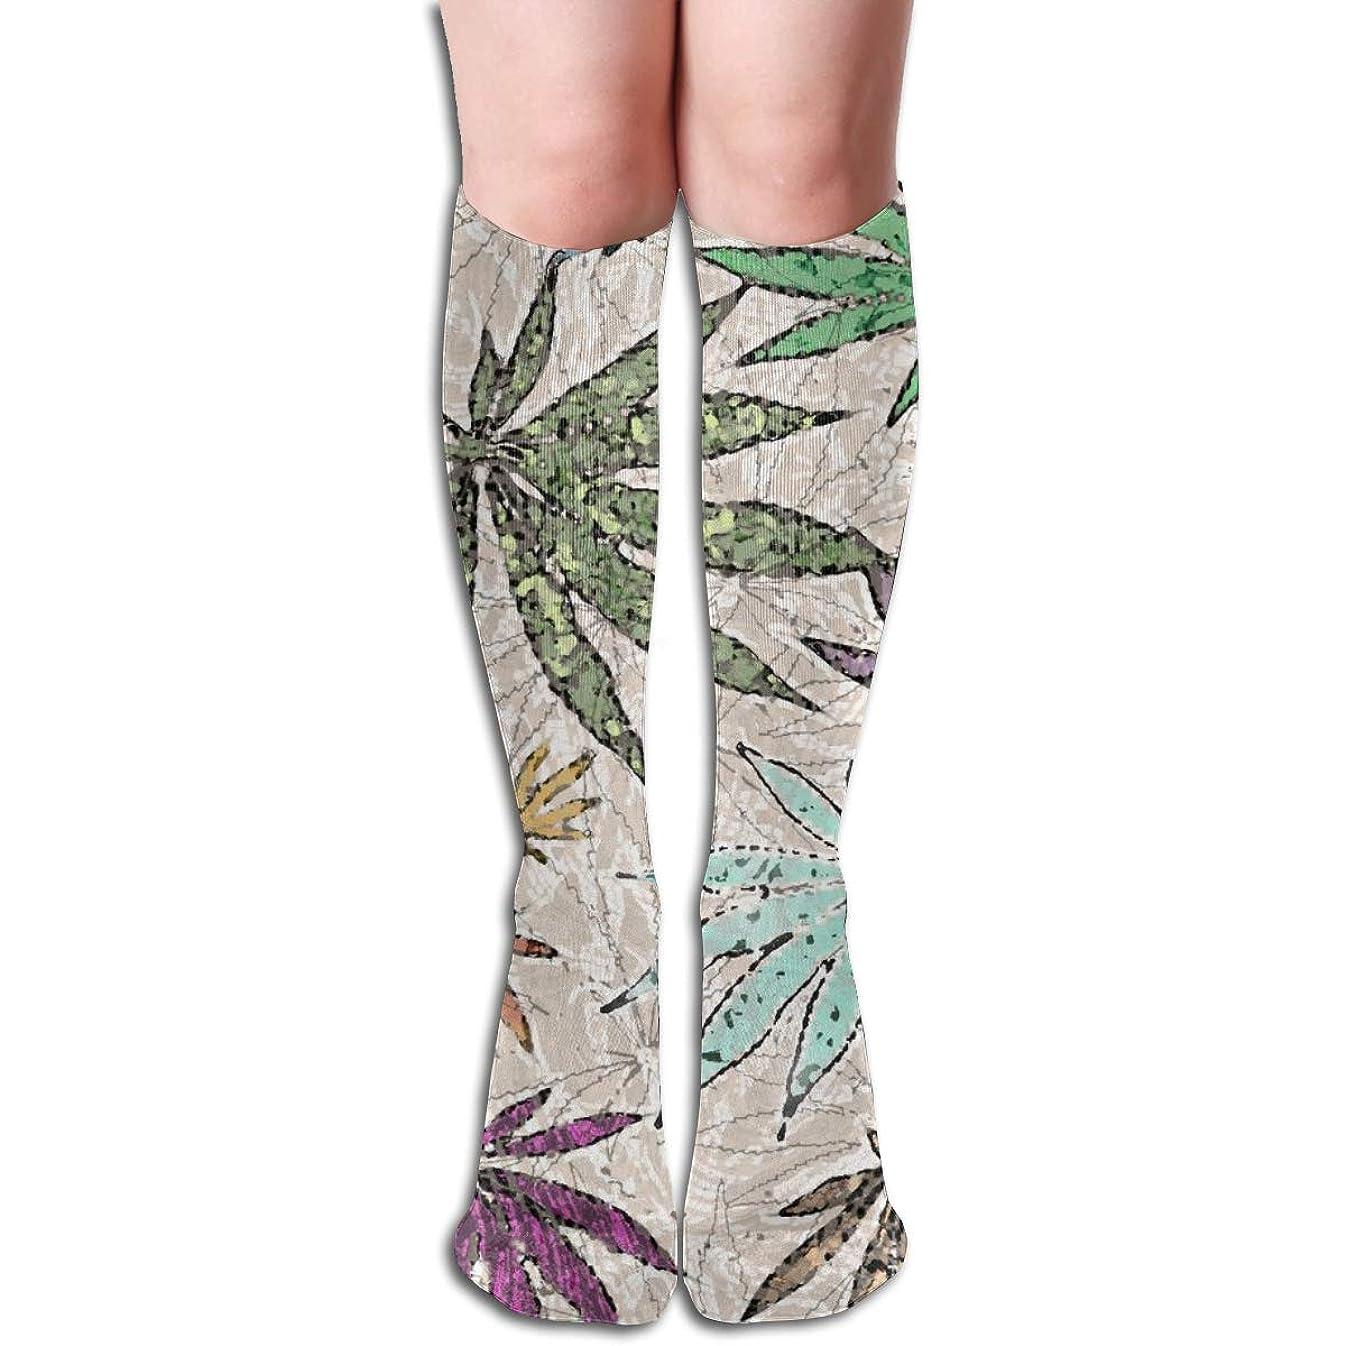 事実チキン言及する色付きのテクスチャポットの葉 長い靴下を実行しているユニセックスニーハイソックススポーツアスレチックスクール